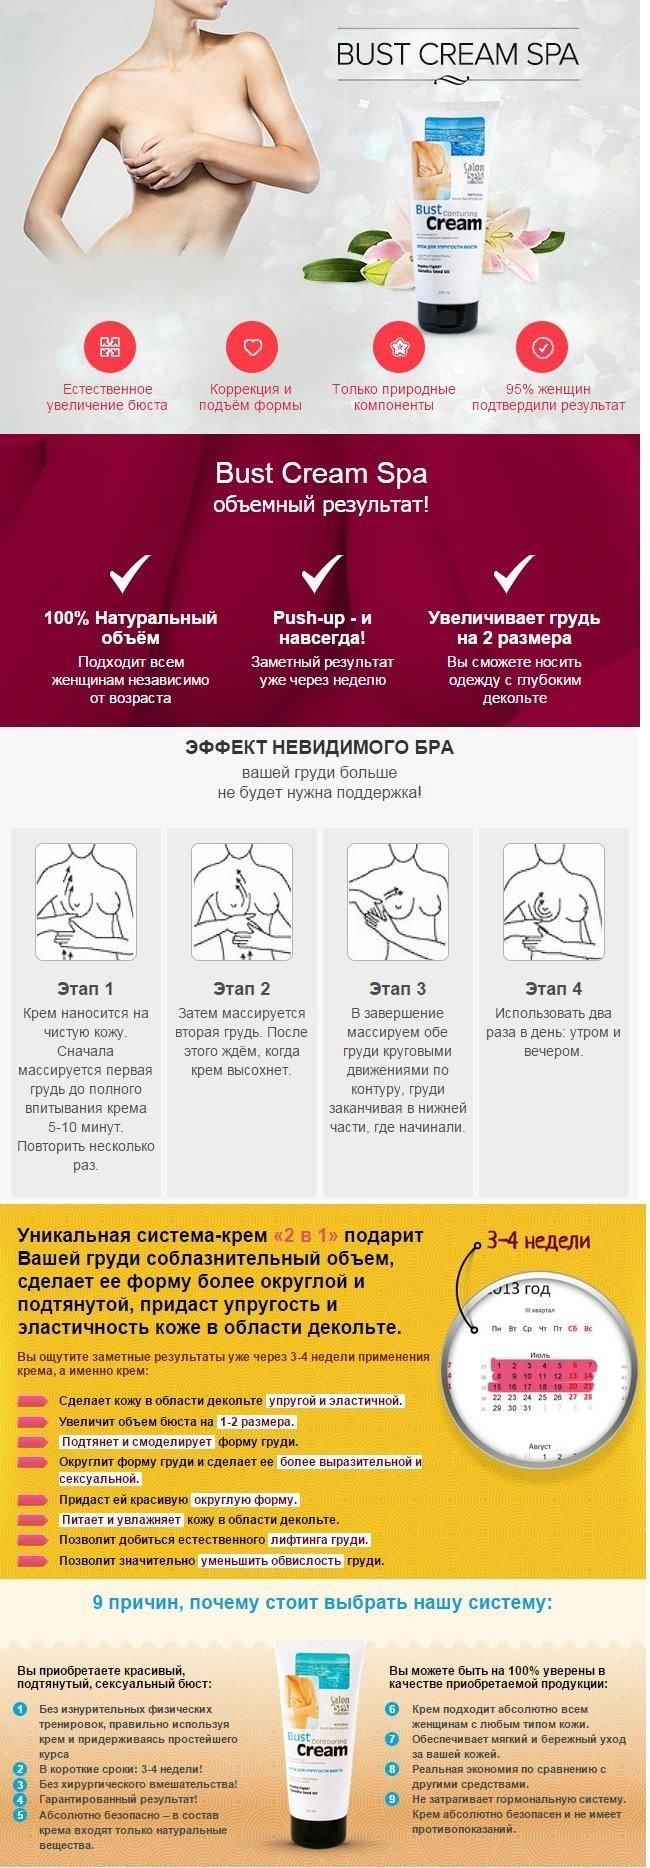 Как правильно делать массаж для увеличения груди — 7 видов для упругости бюста в домашних условиях